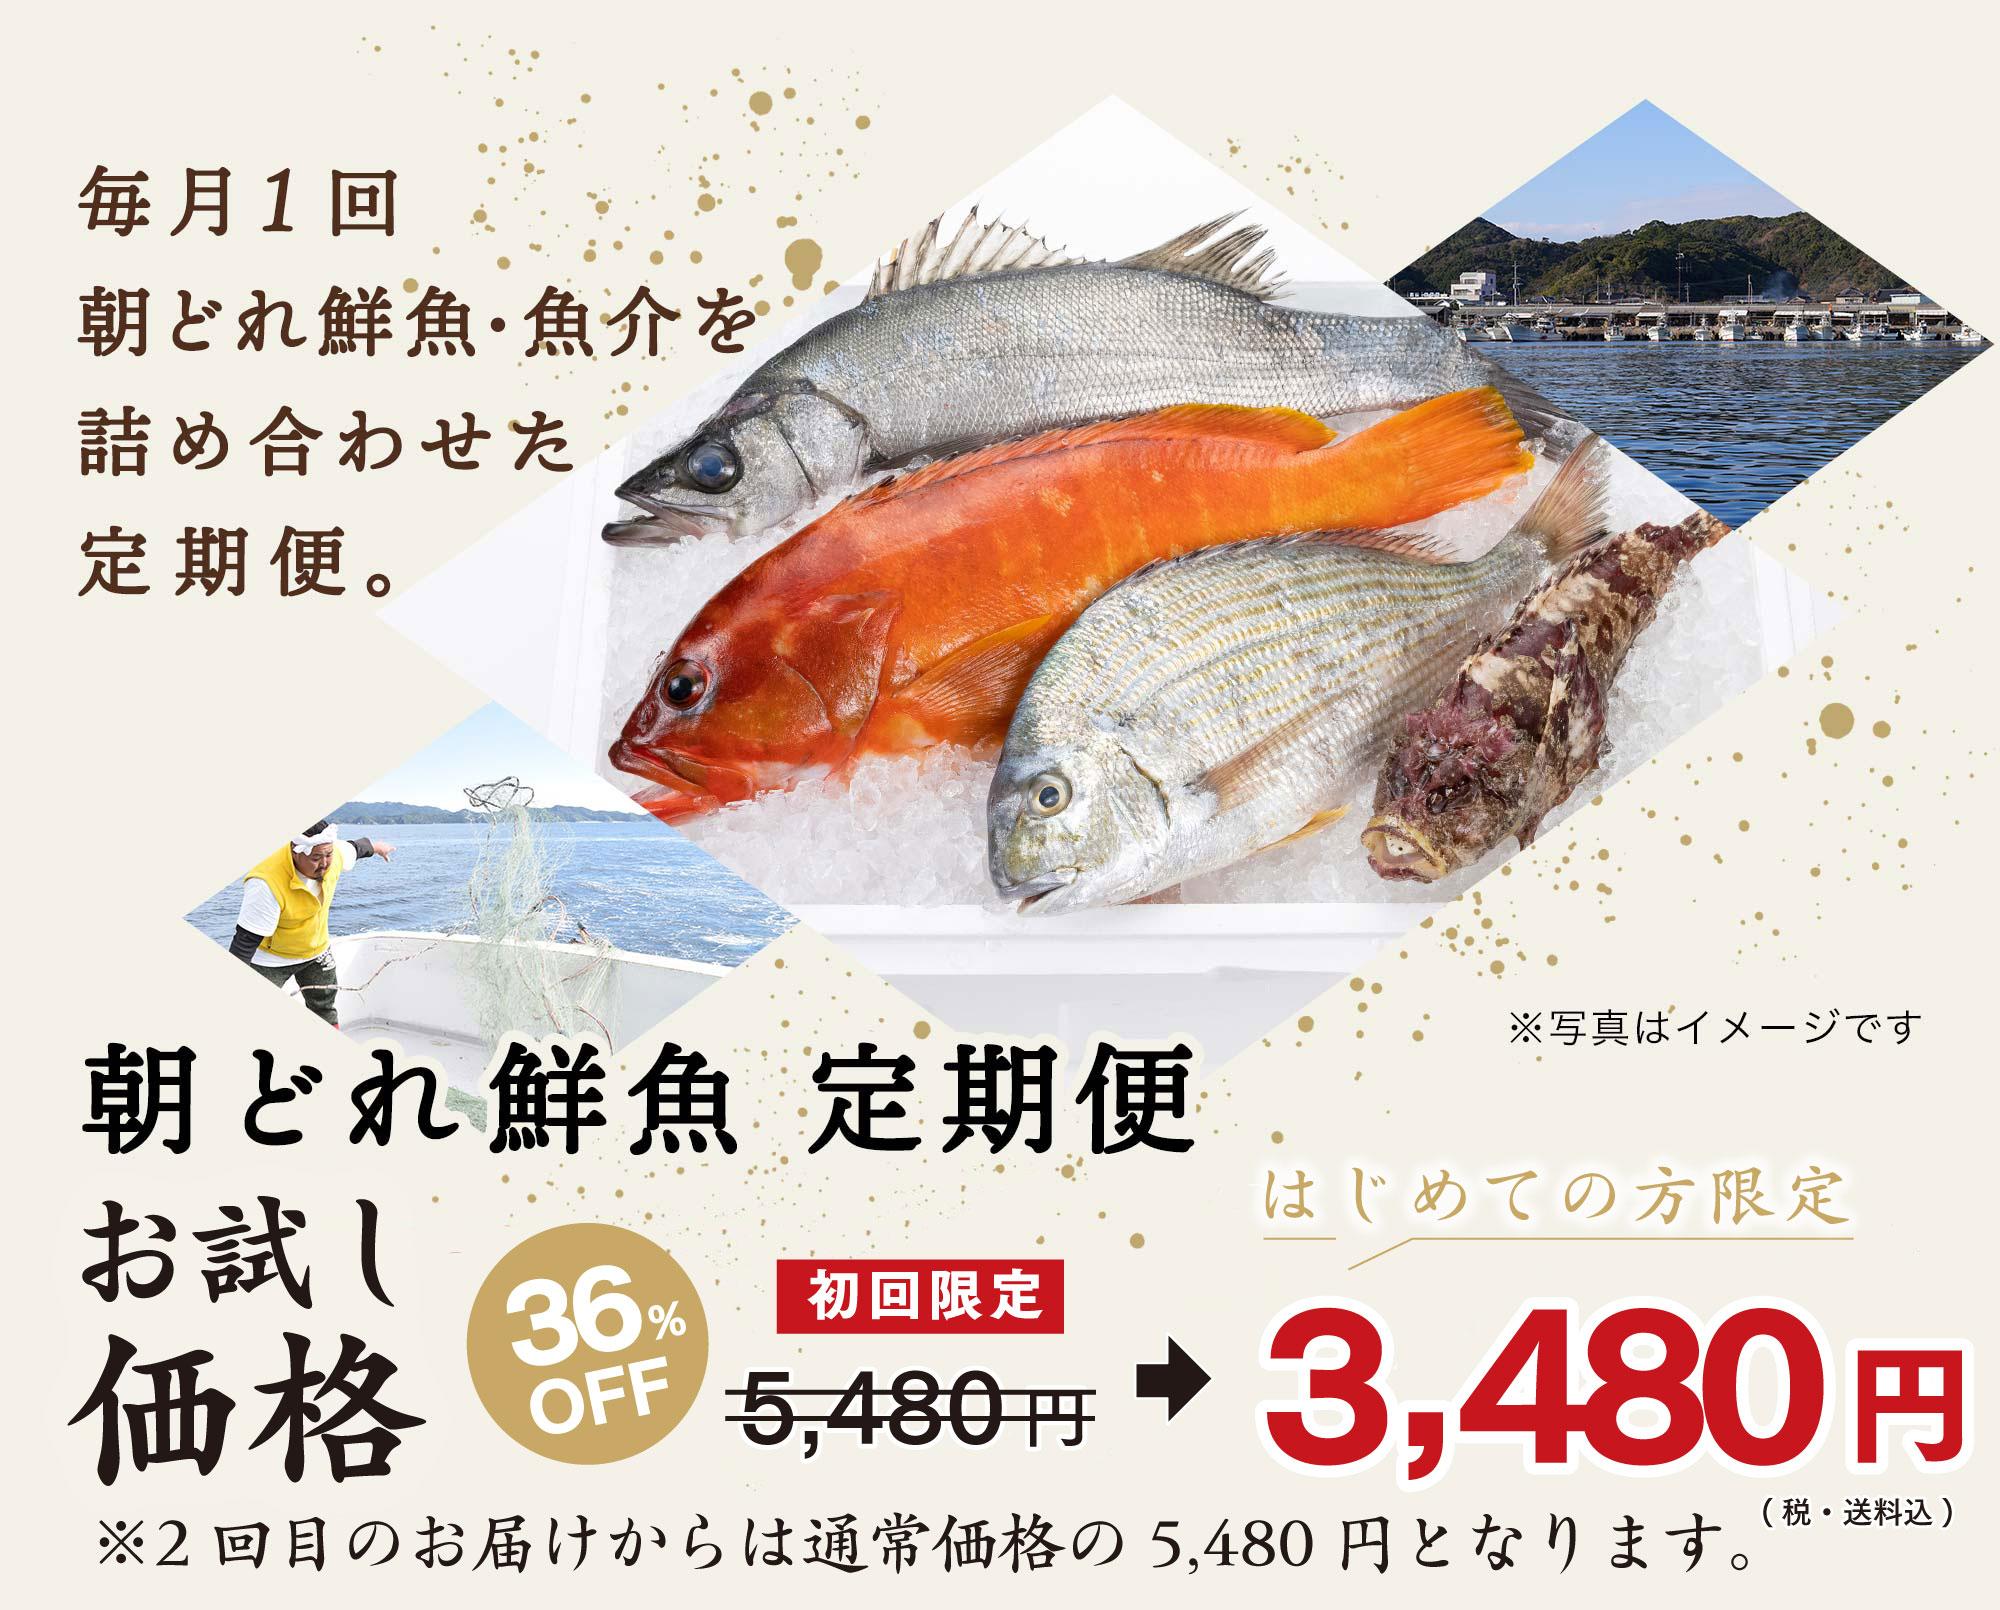 毎月1回お届けの定期便。熊本・天草の牛深漁港で水揚げされた厳選吟味・鮮度抜群の旬の鮮魚・魚介を詰め合わせてお届けします。私たちプロが厳選した魚を、どうぞお楽しみください。